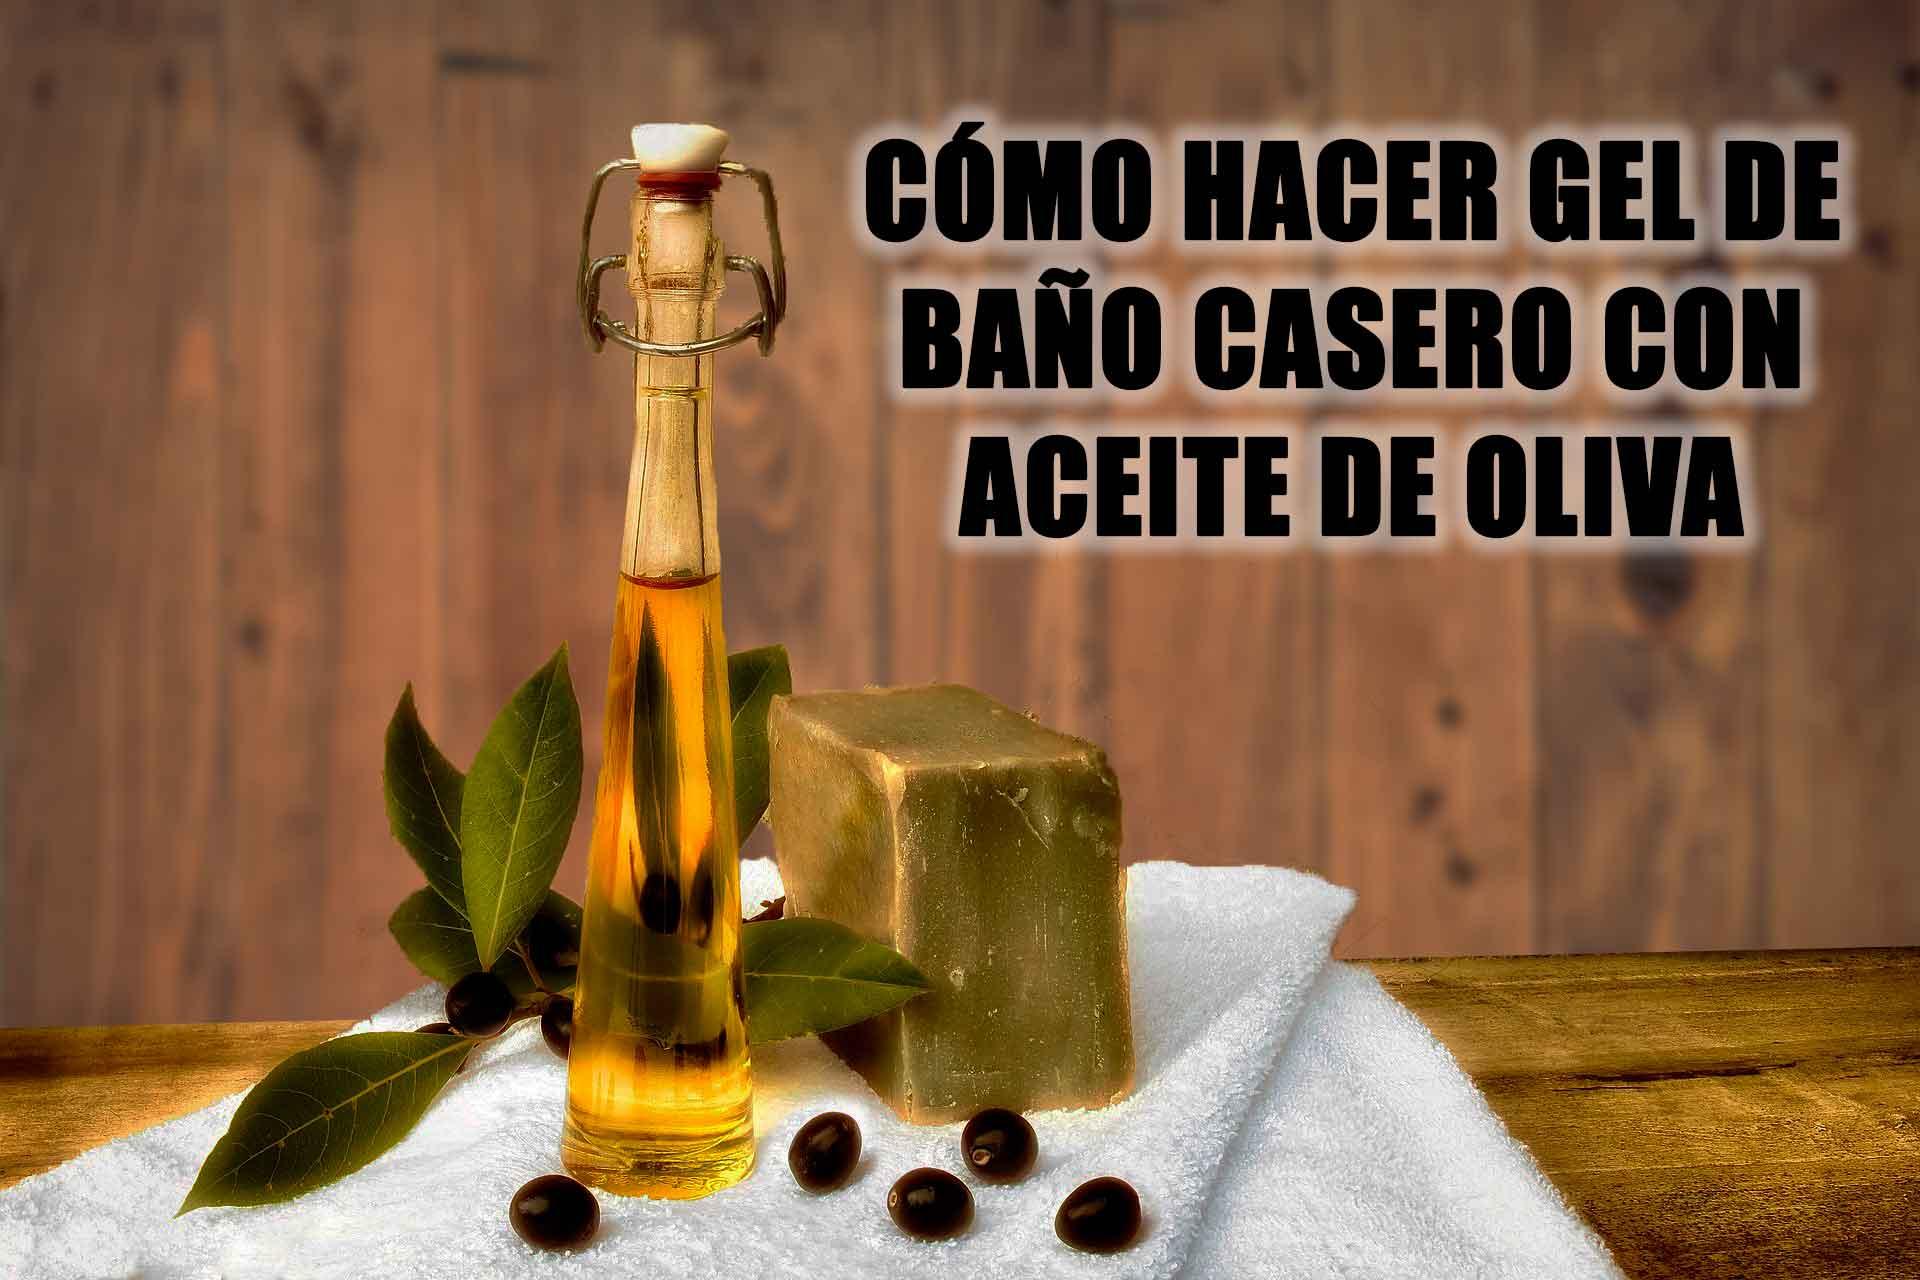 Cómo hacer gel de baño casero con aceite de oliva